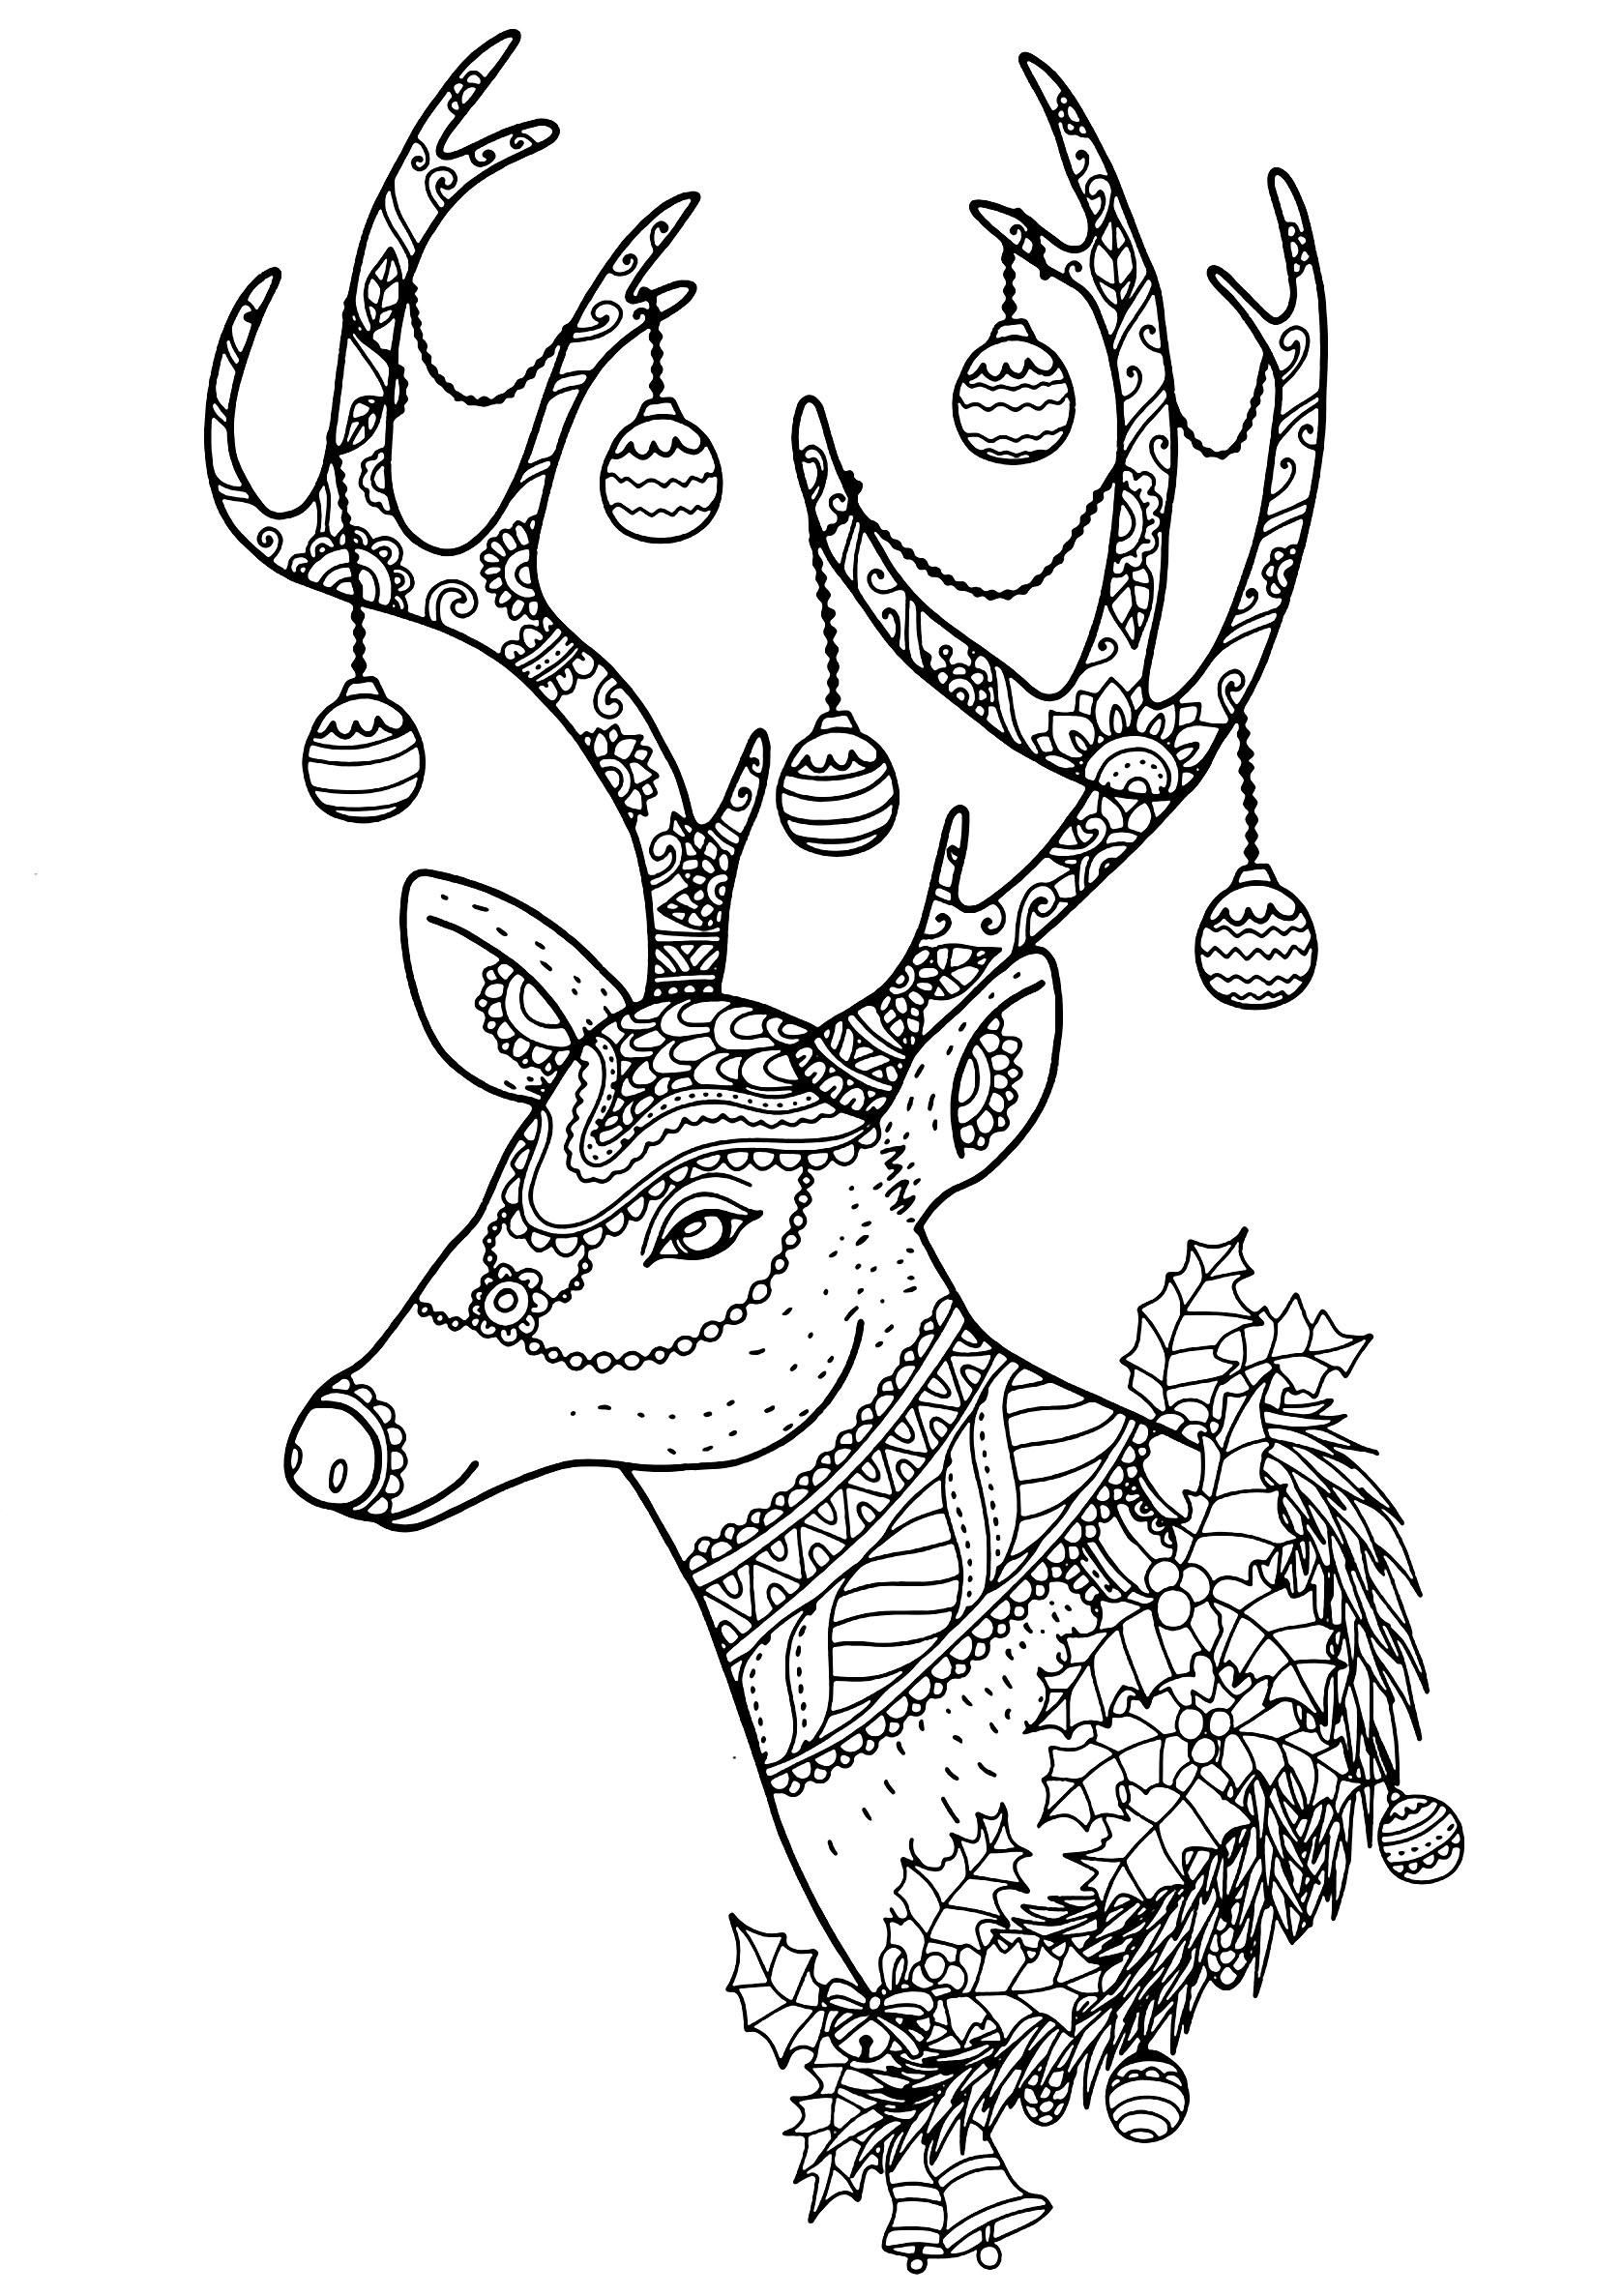 Christmas Reindeer Nontachai Hengtragool Christmas Adult